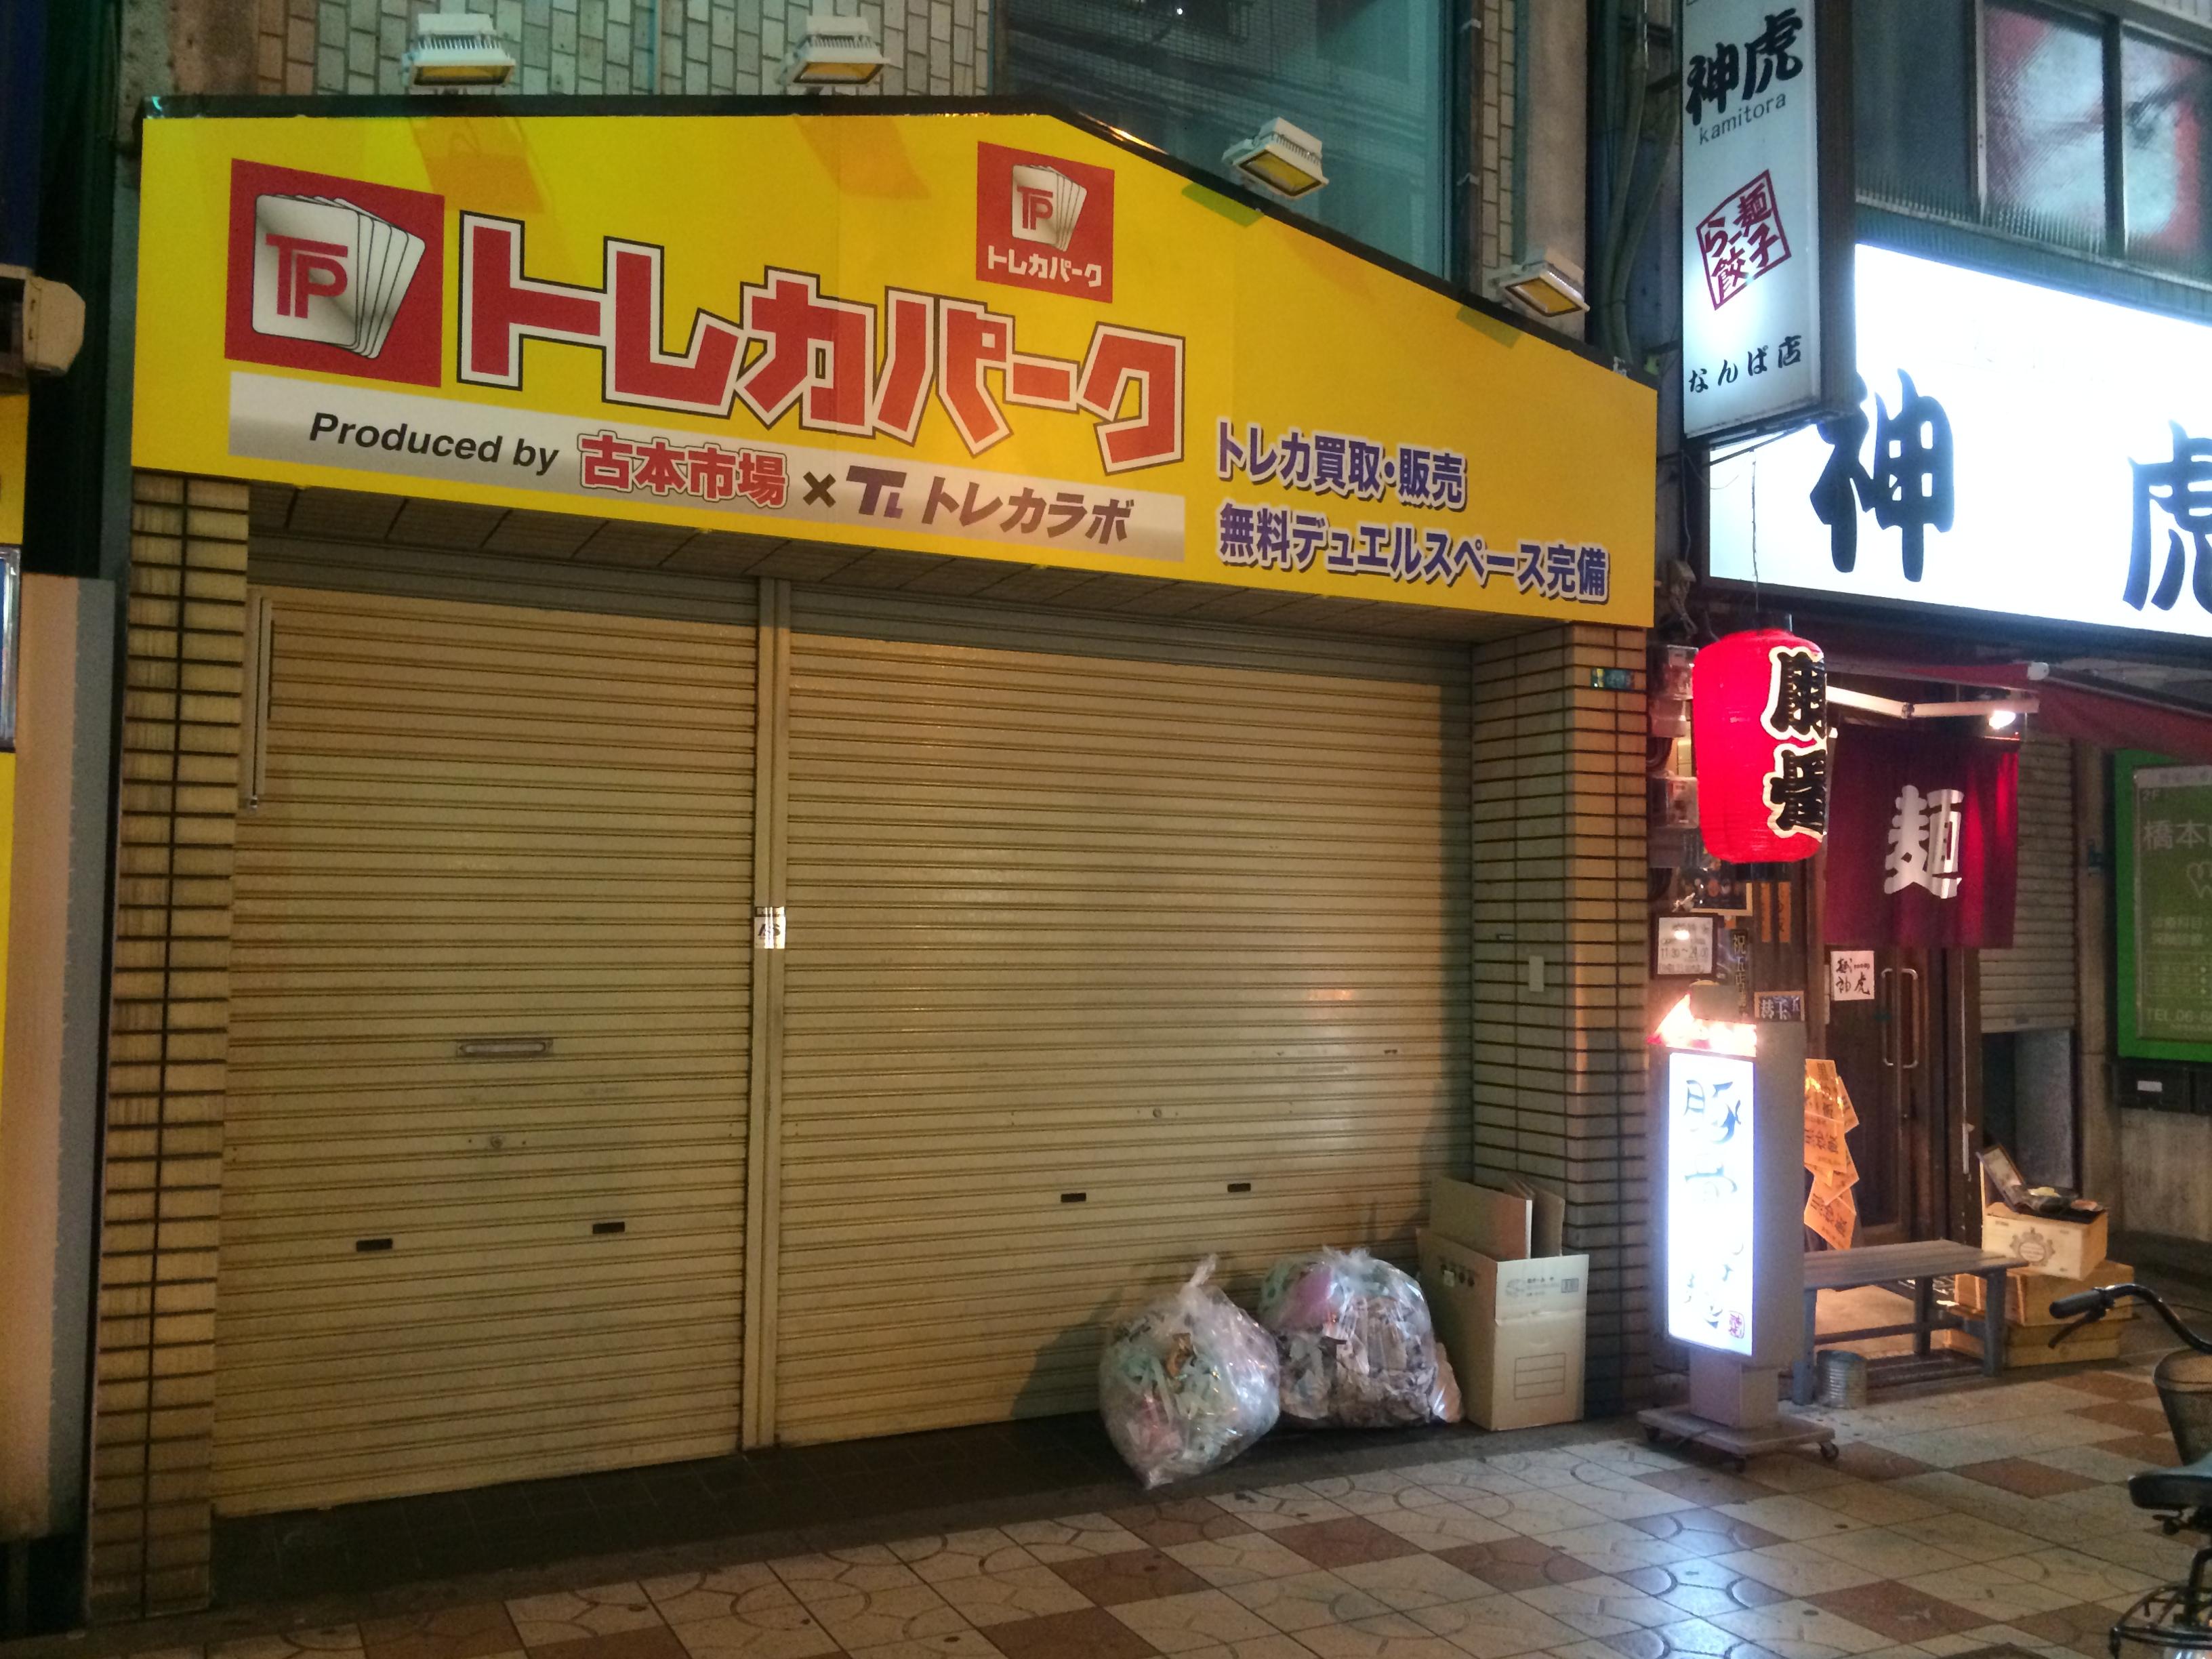 トレカパーク、日本橋2号店をなんさん通りに1/24オープン